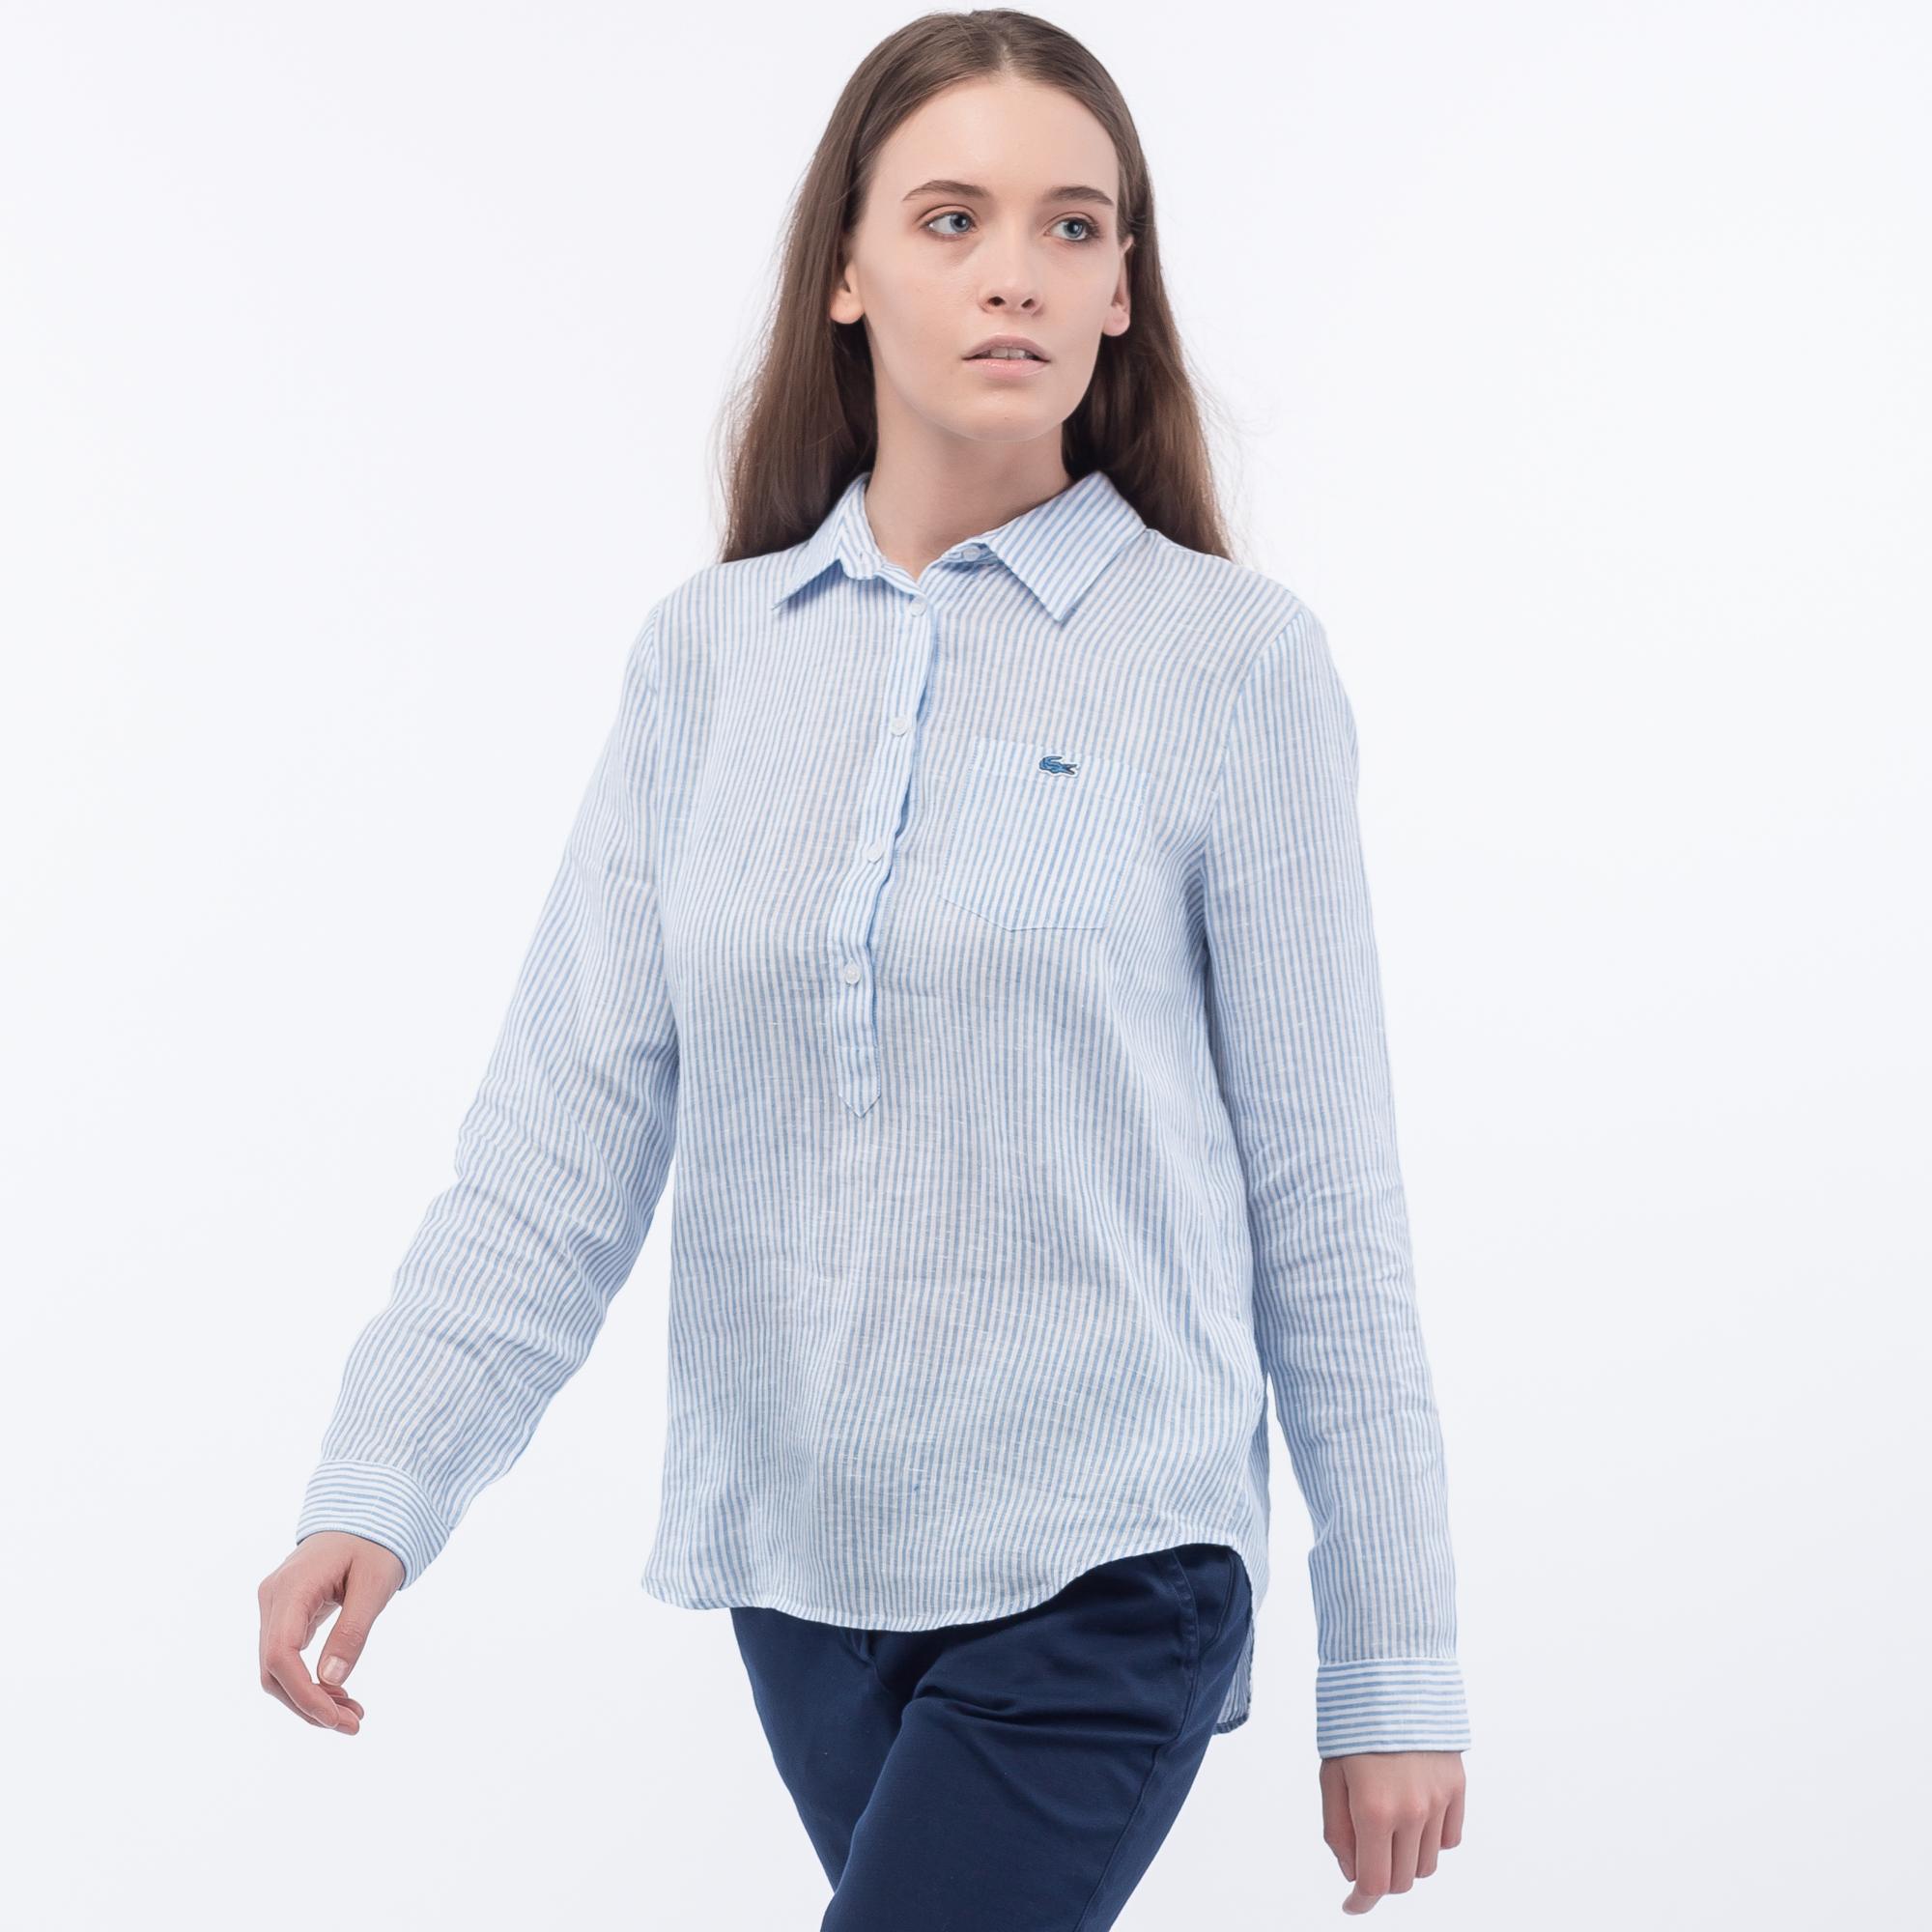 Фото 3 - Рубашку Lacoste Loose fit голубого цвета